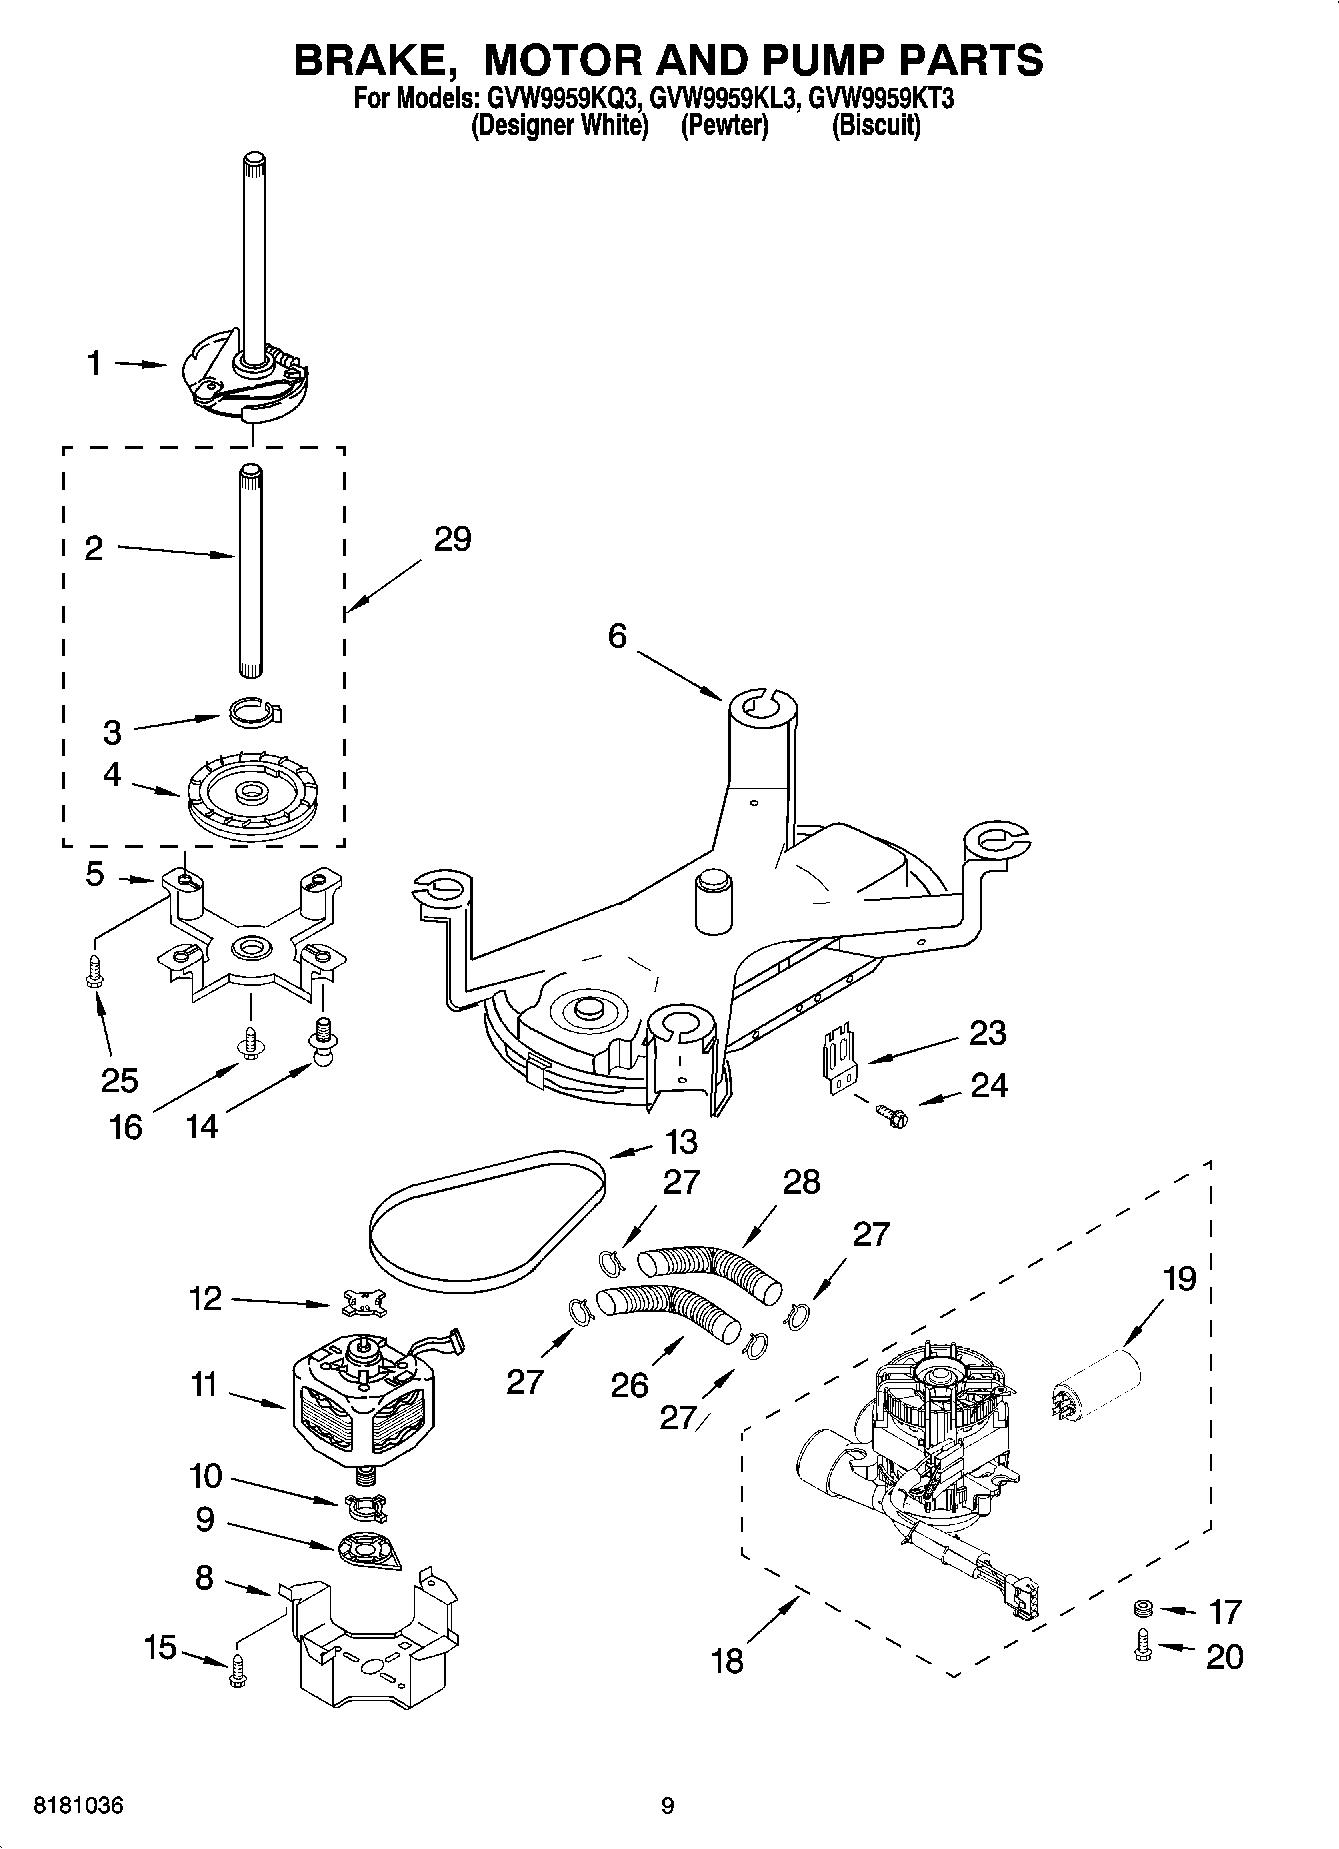 GVW9959KL3